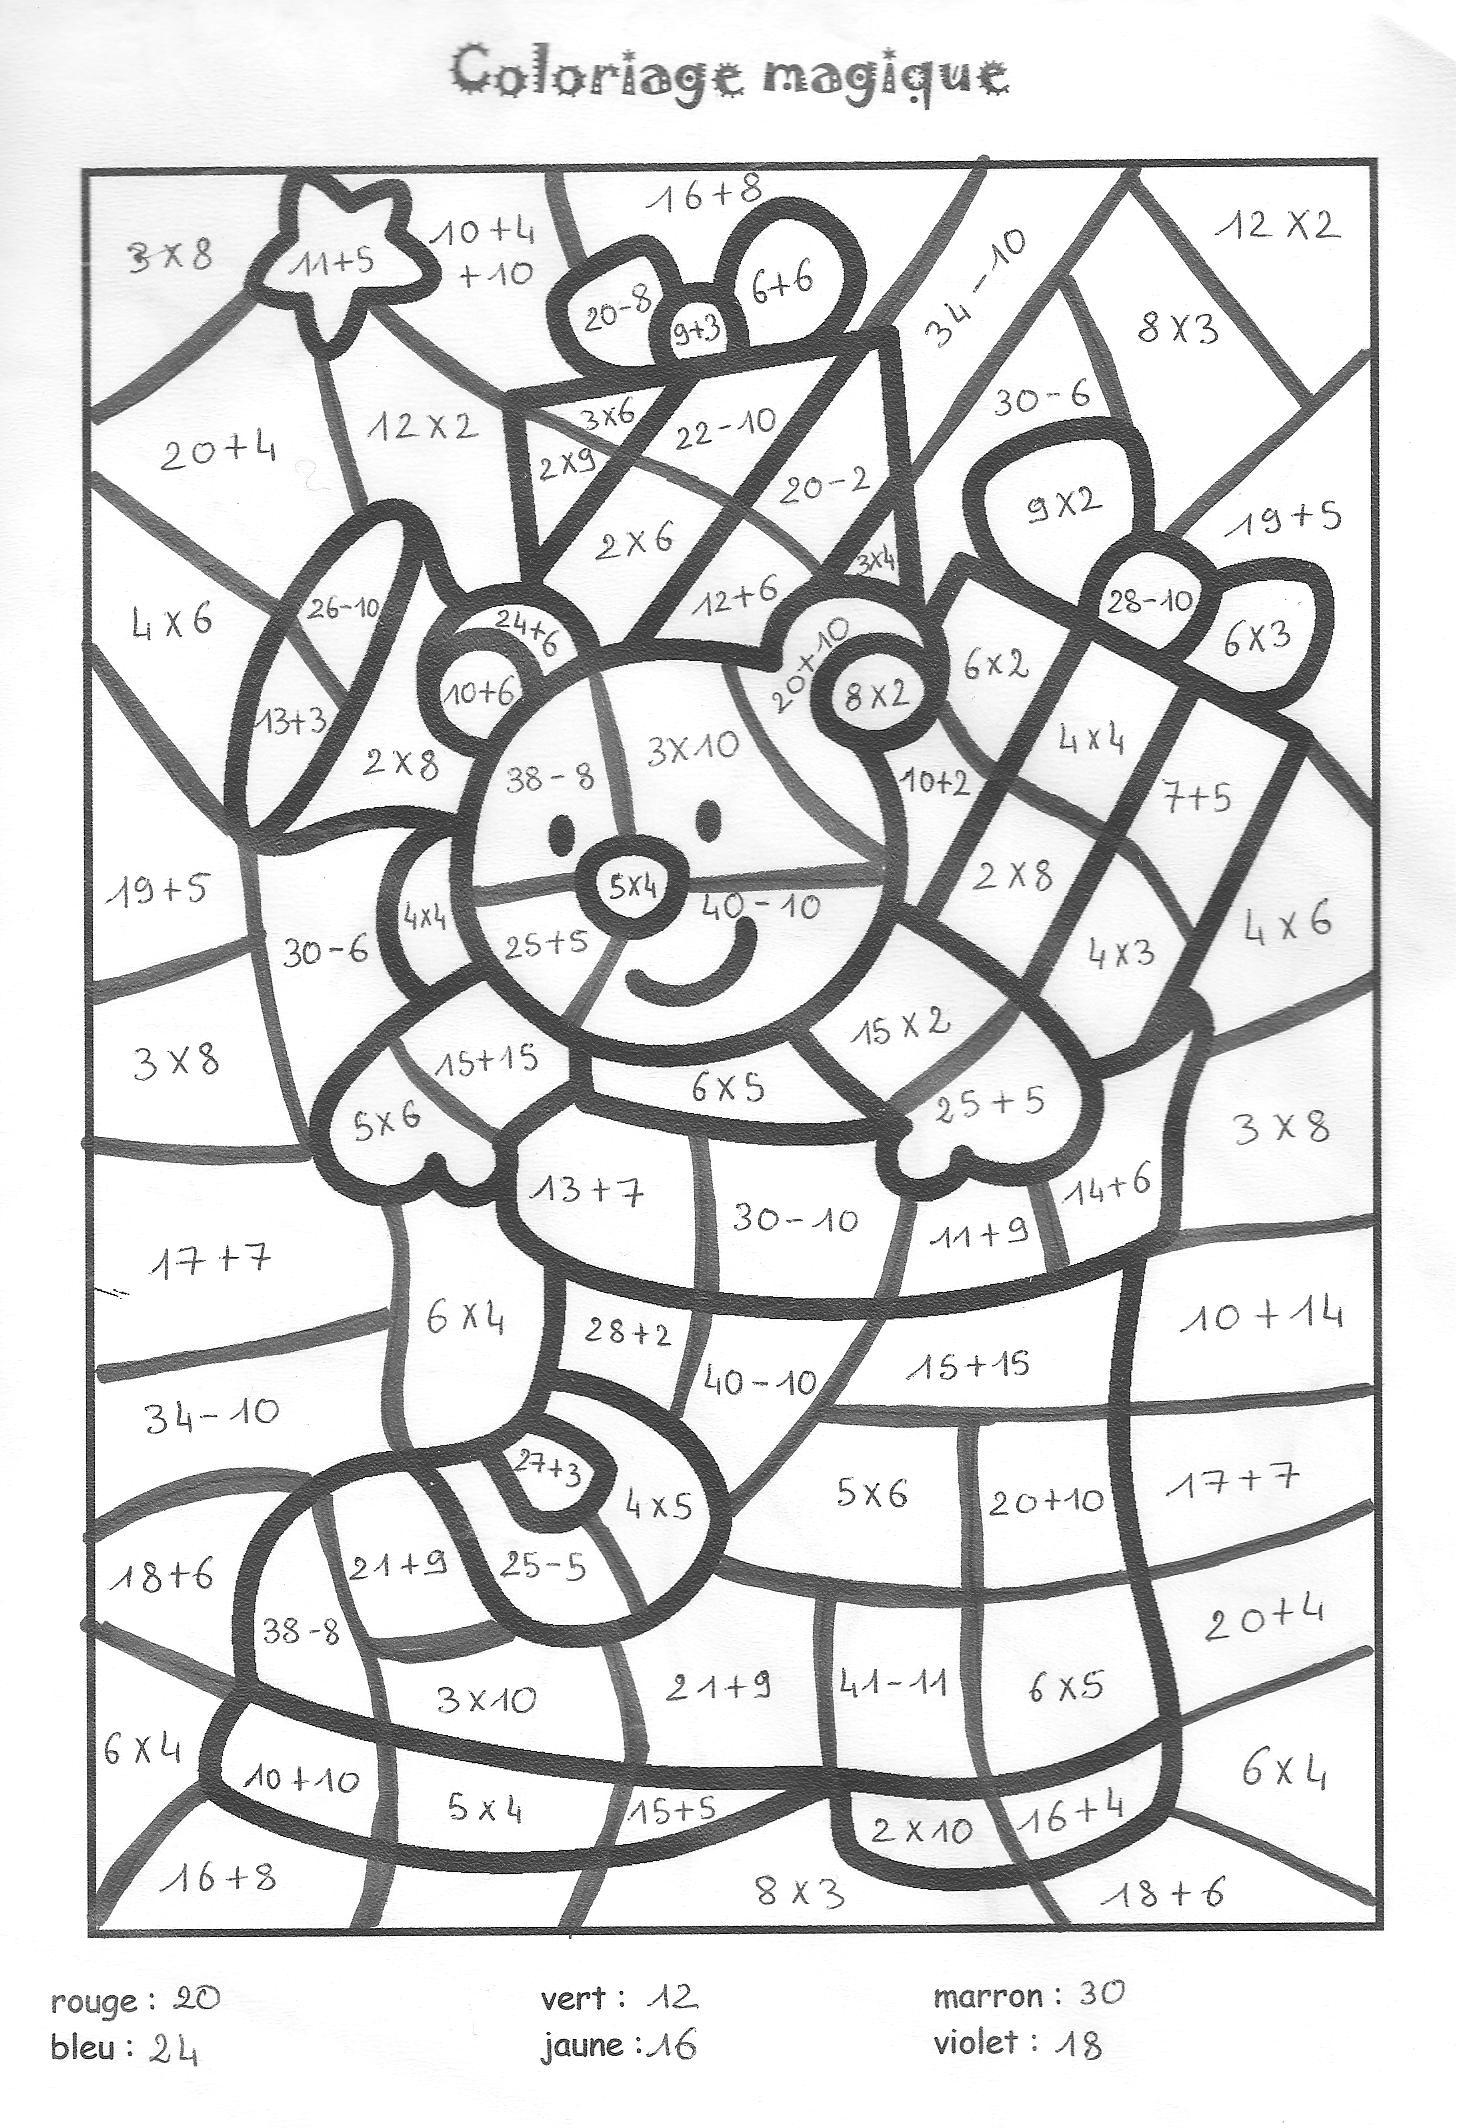 Très 121 dessins de coloriage Magique Ce1 à imprimer DM29